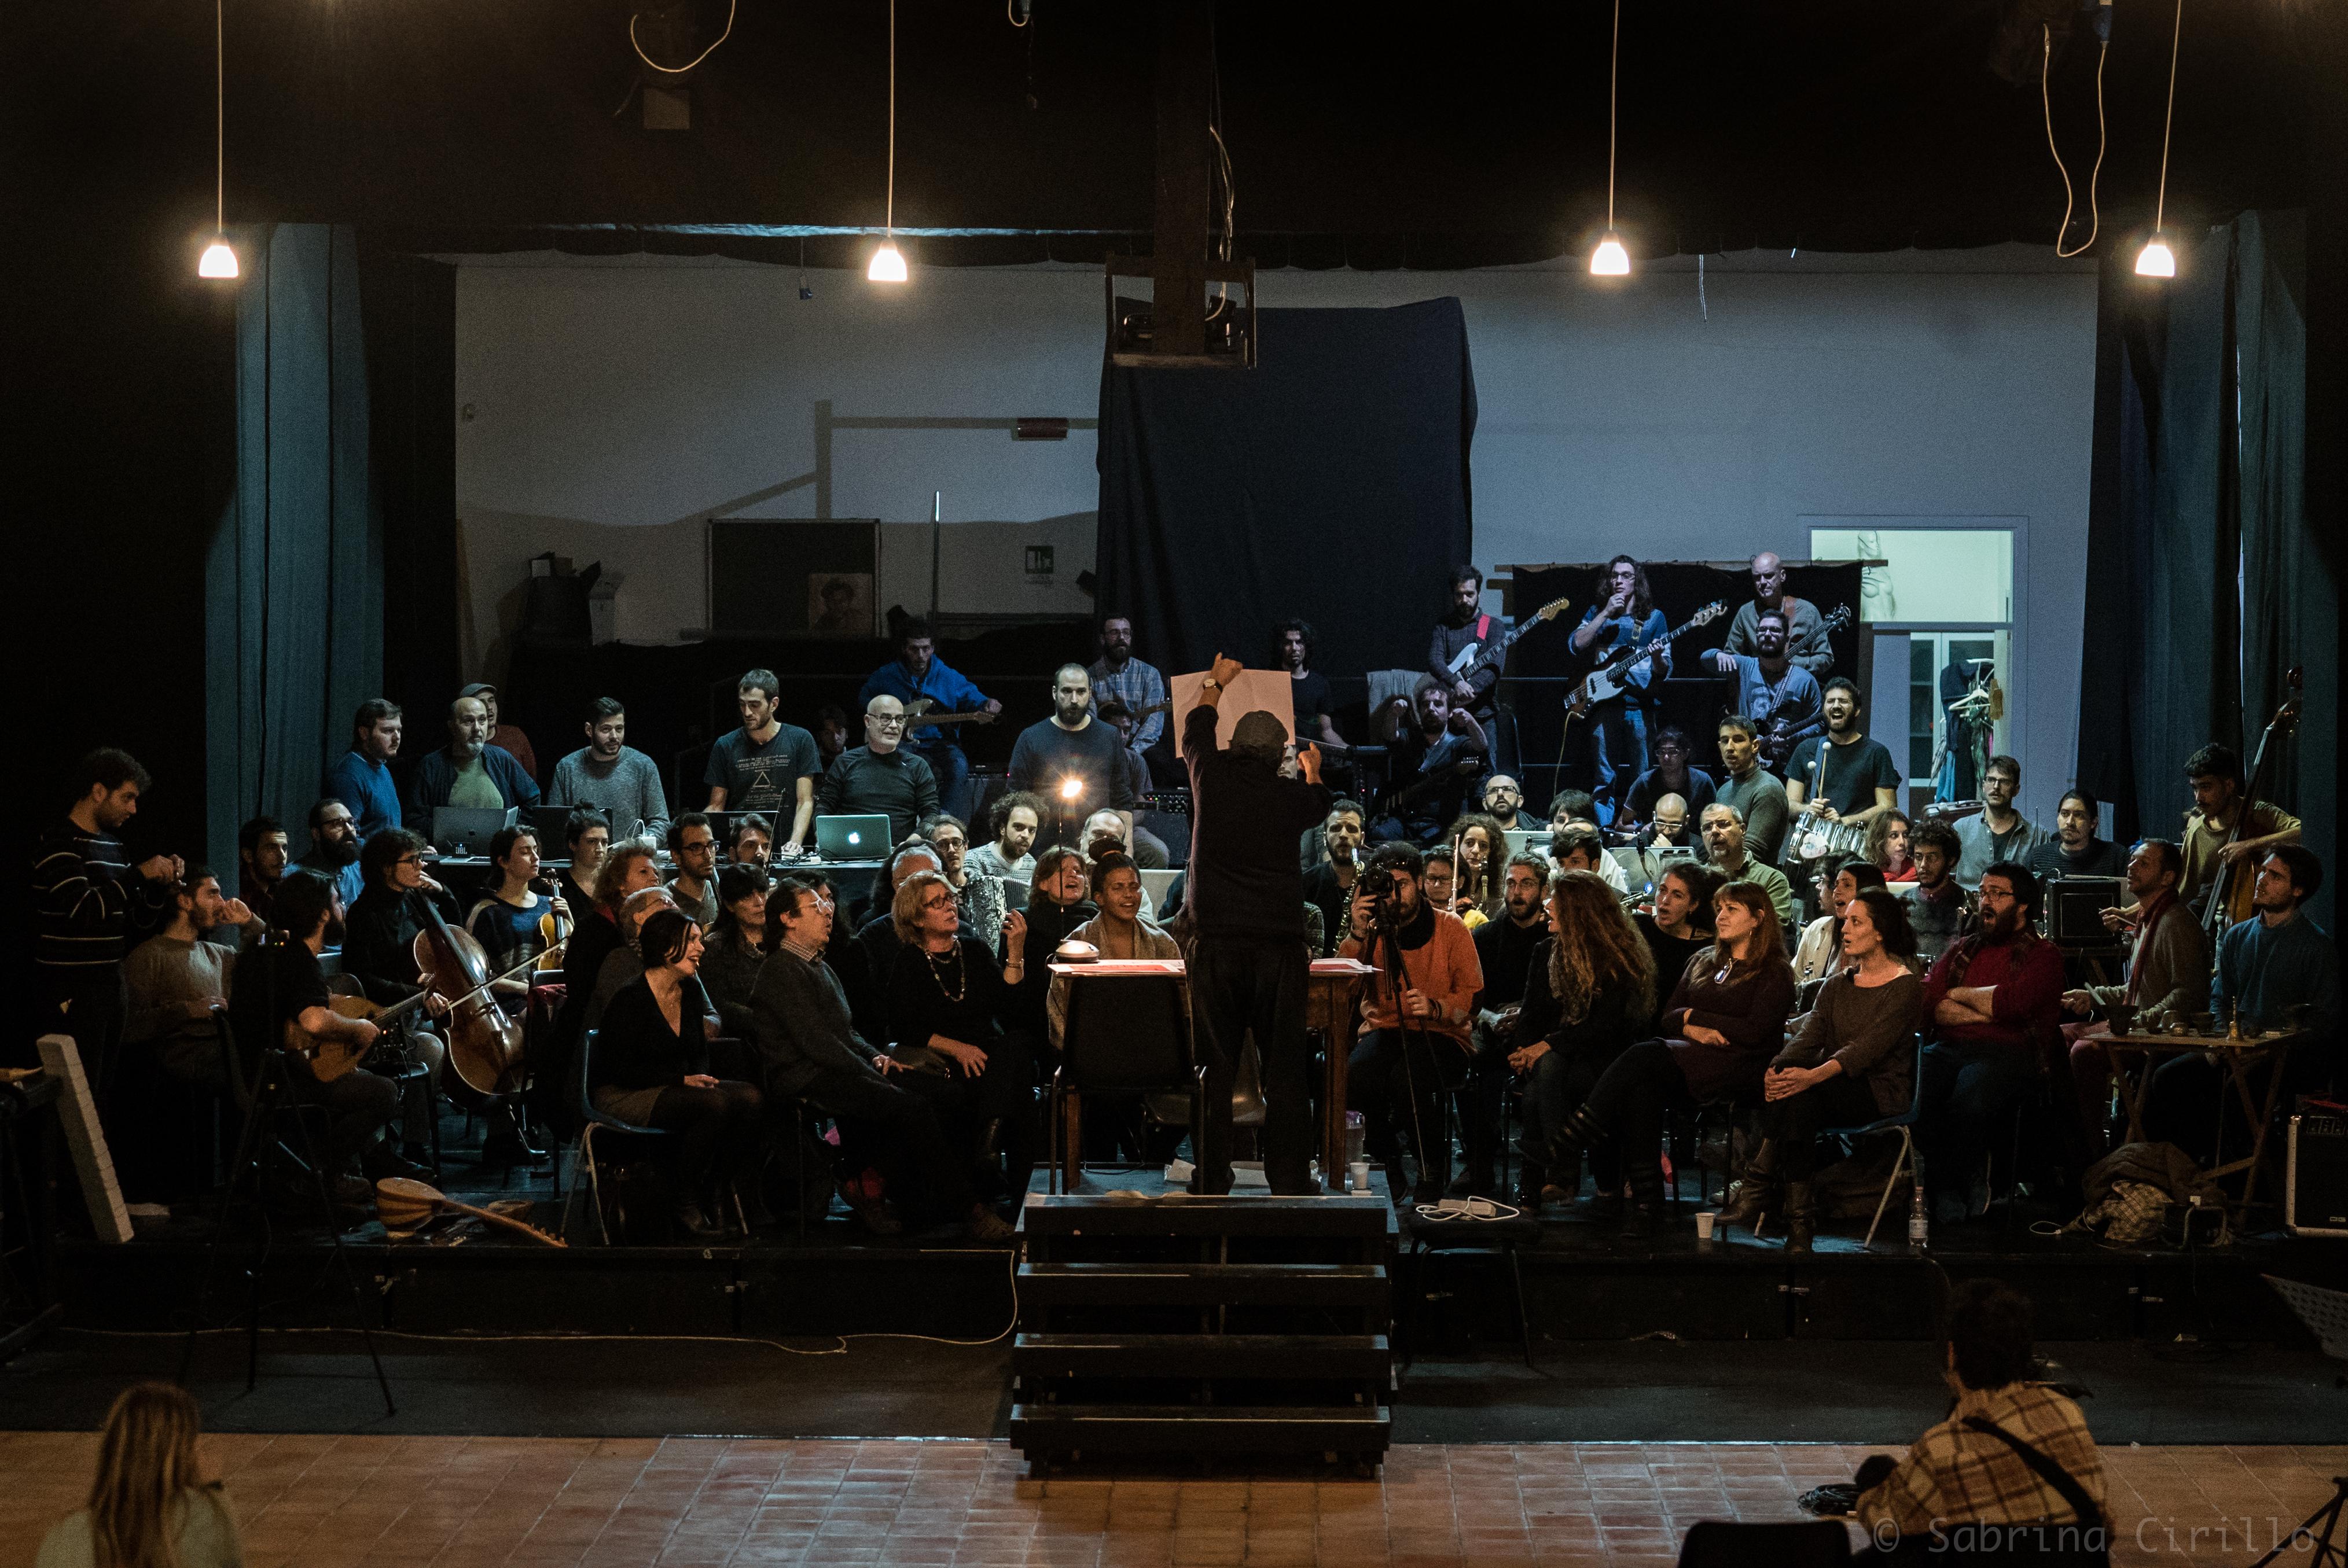 Composer Alvin Curran and his improvised orchestra at l'Asilo, November 25, 2017, ph by Sabrina Cirillo